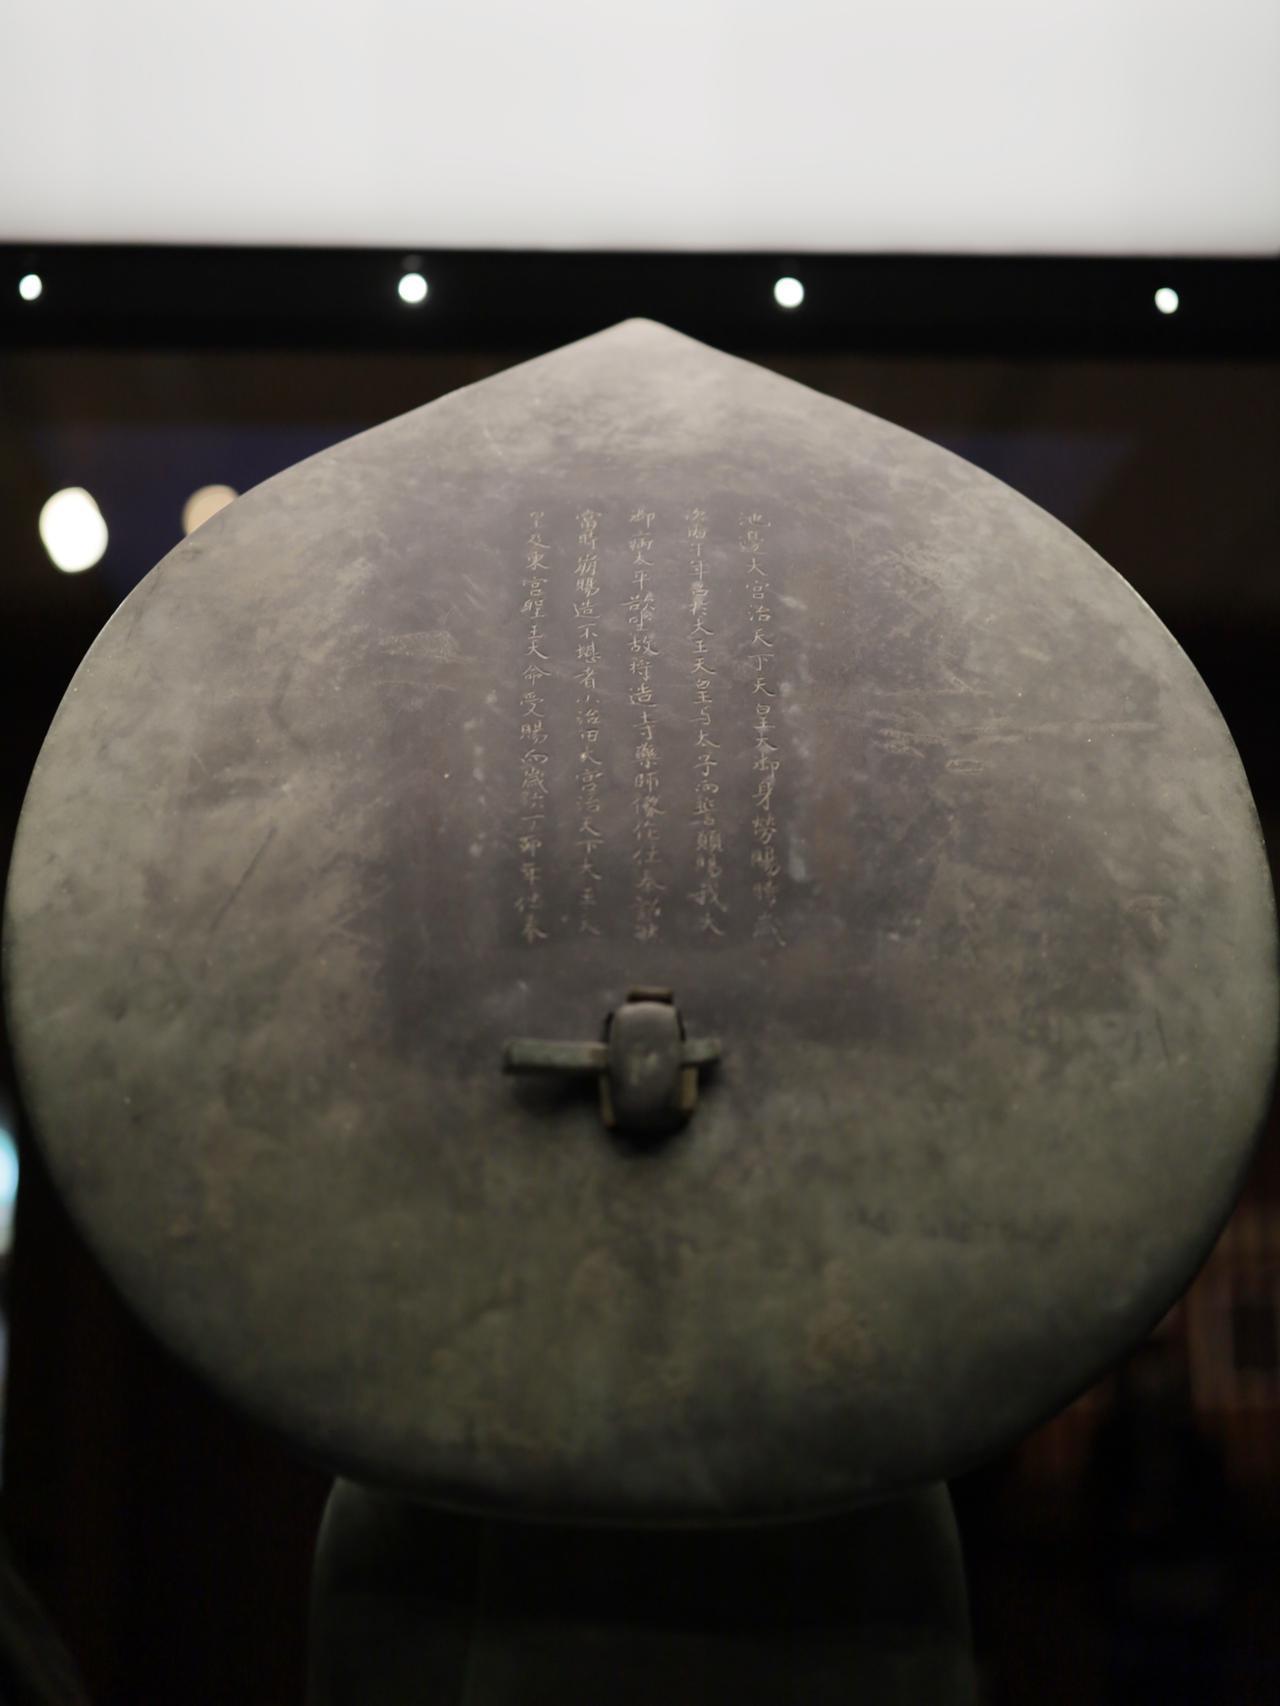 画像: 薬師如来坐像 飛鳥時代7世紀 奈良・法隆寺(金堂安置)国宝 斑鳩寺の創建と薬師如来像の造立について記された光背の裏側の銘文